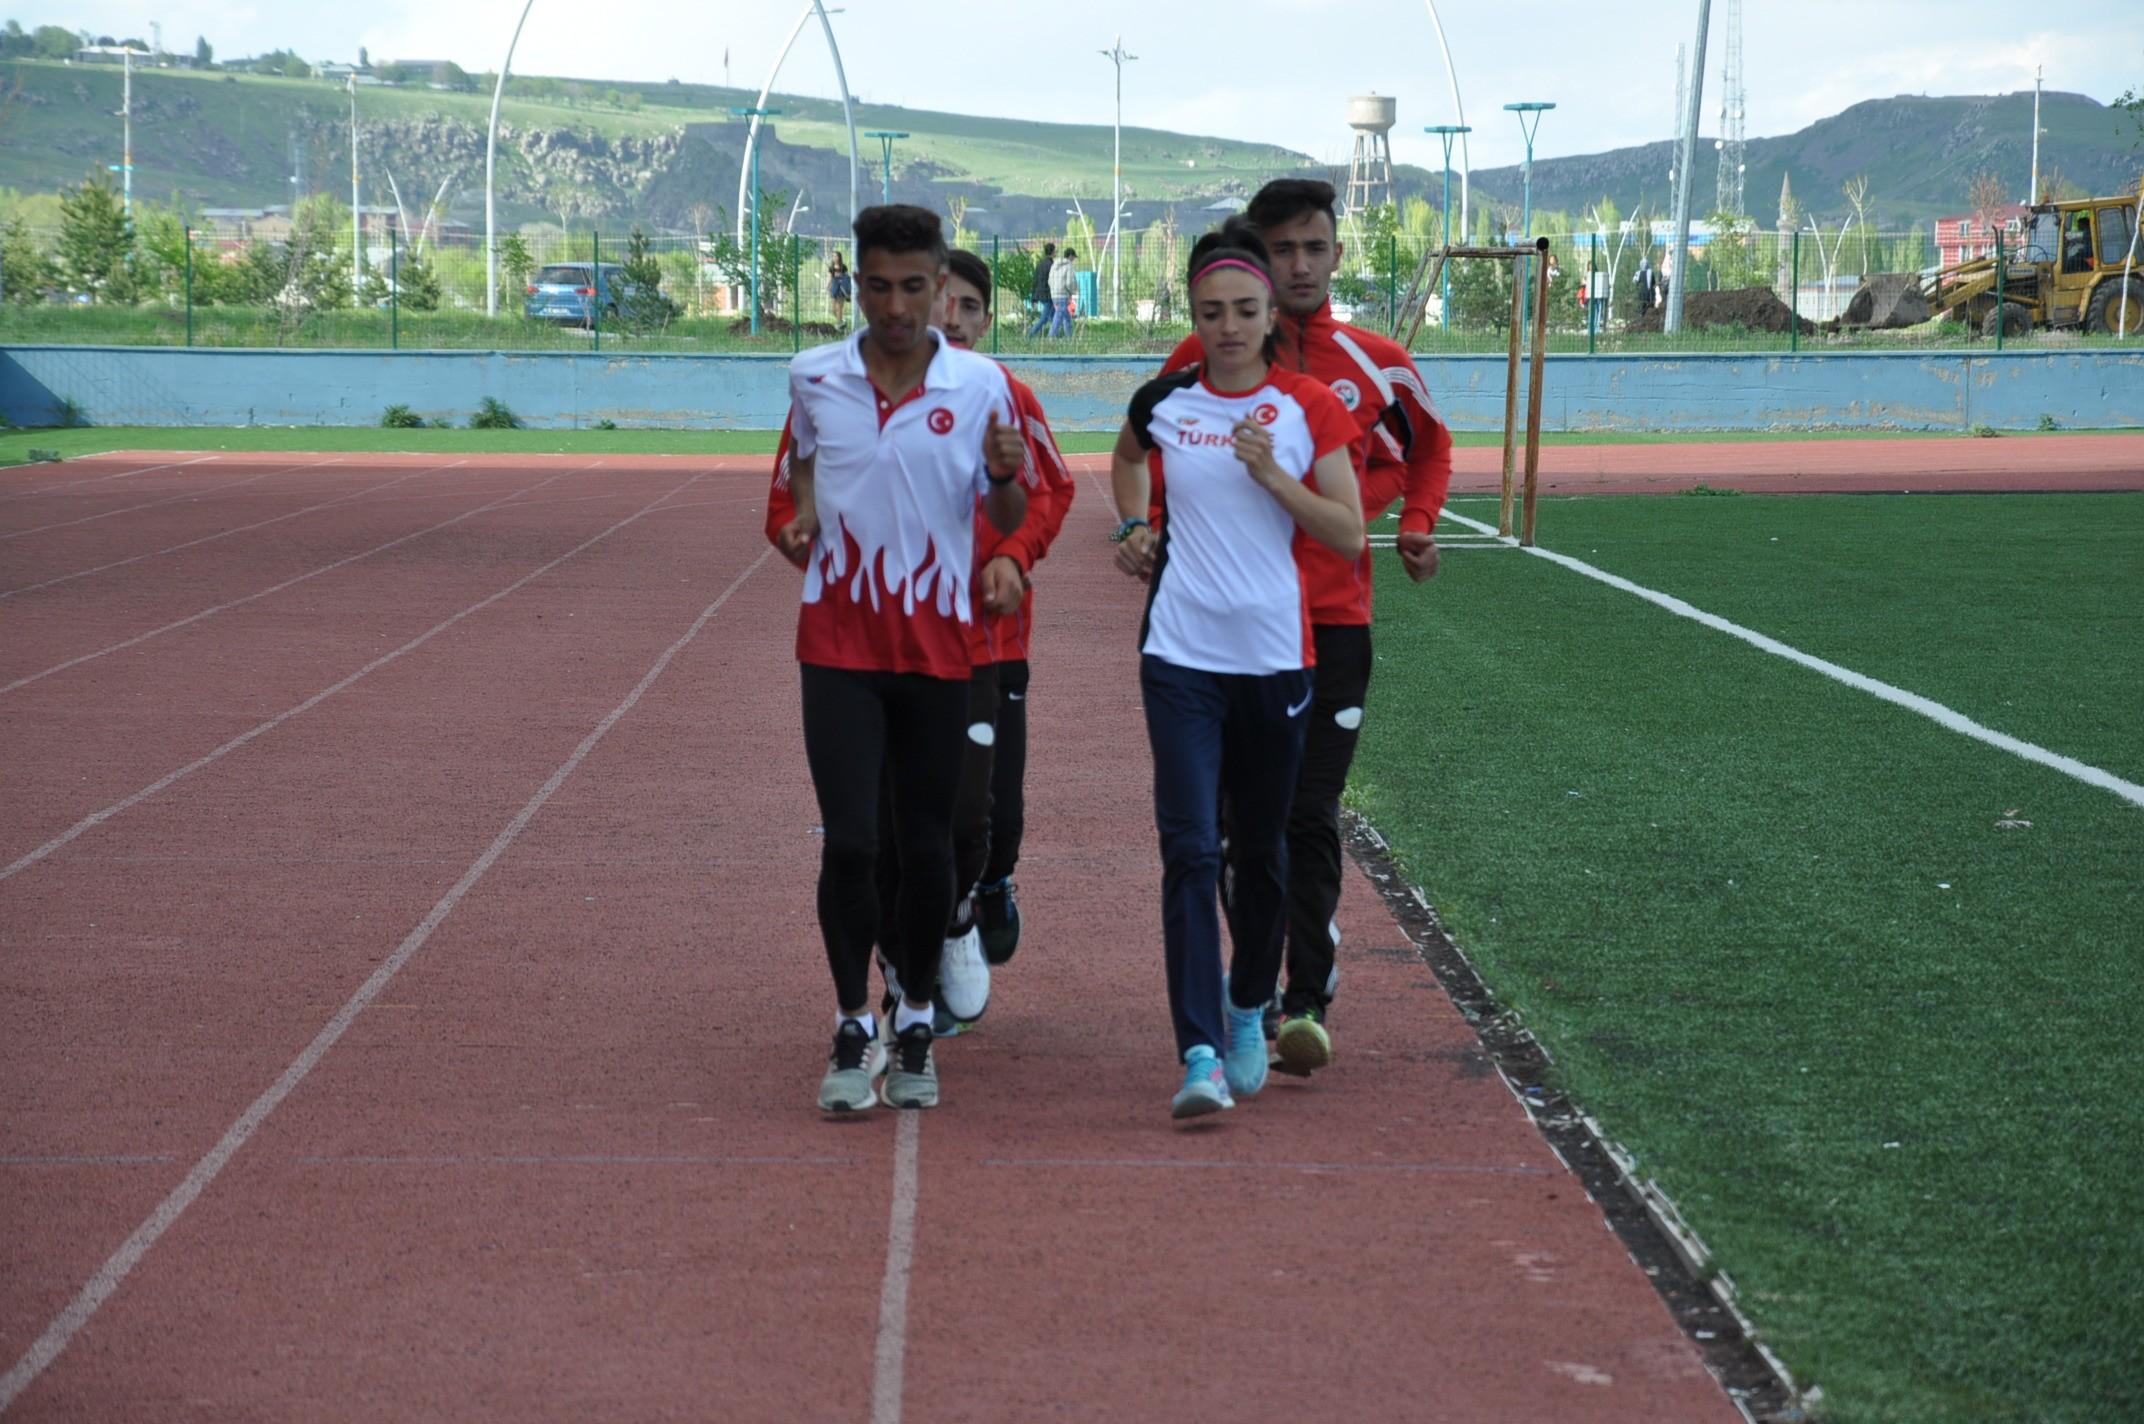 karsli-milli-atletler,-calismalarini-bayramda-da-surduruyor-(8)-001.jpg